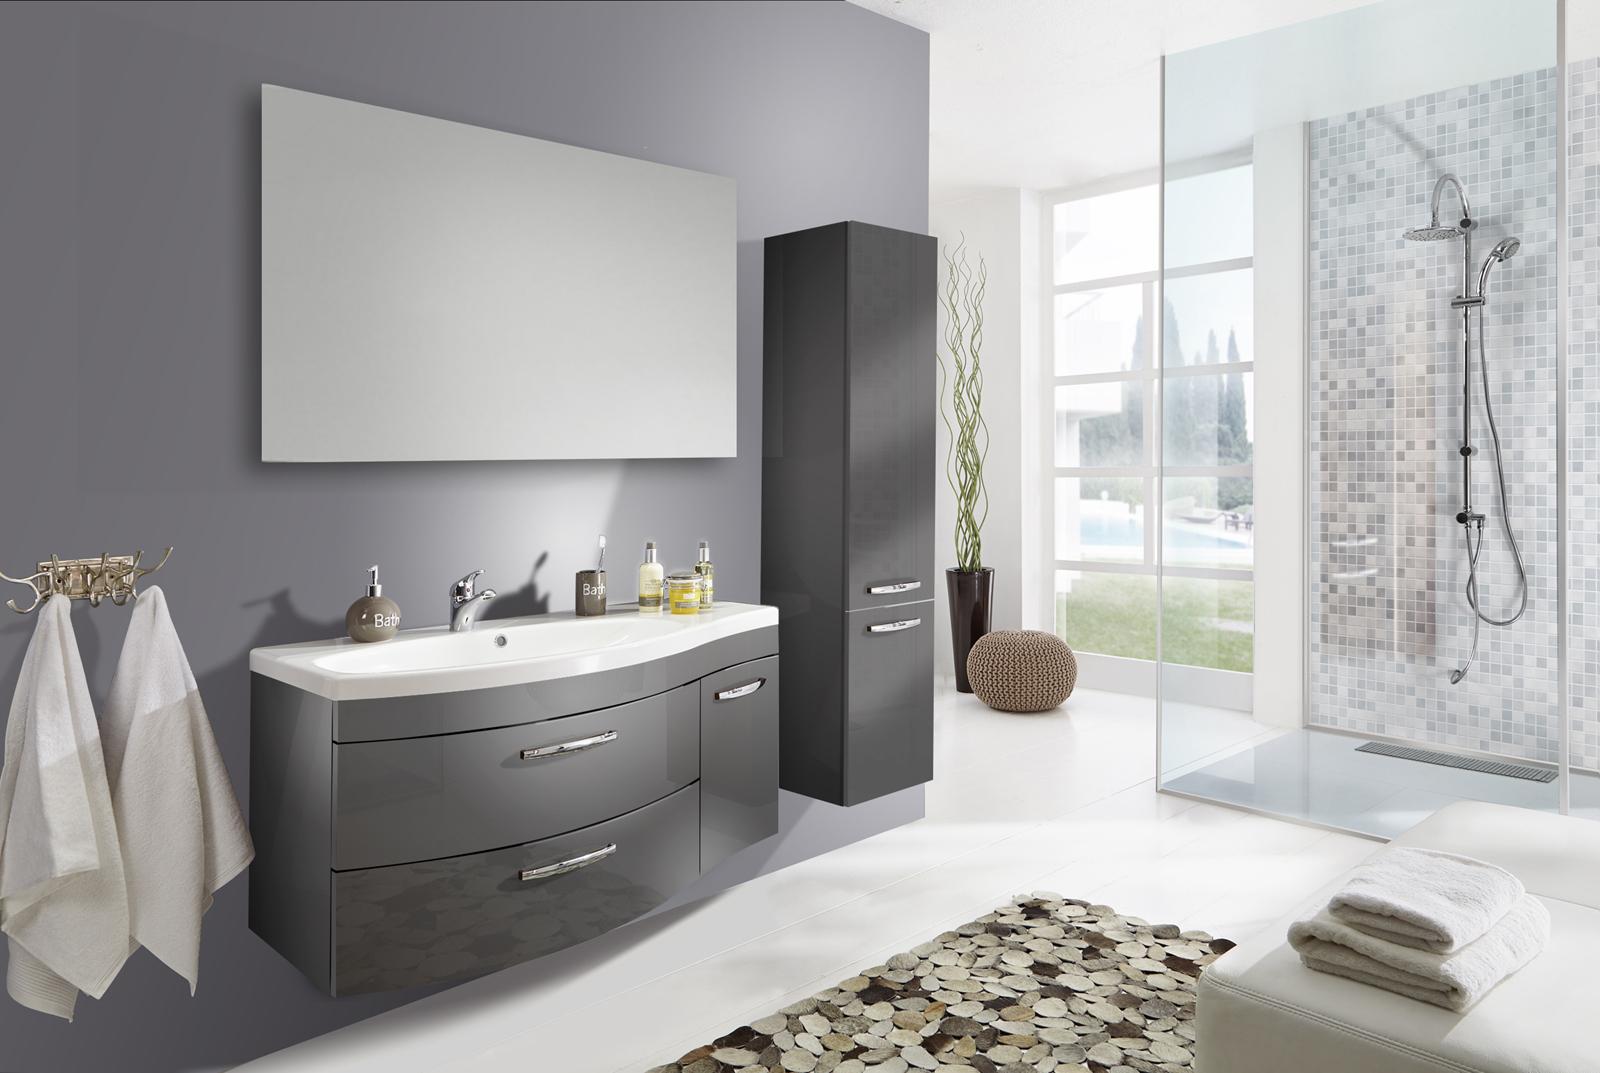 Modernes Badezimmer Braun: Moderne badezimmer braun. Referenzen ...